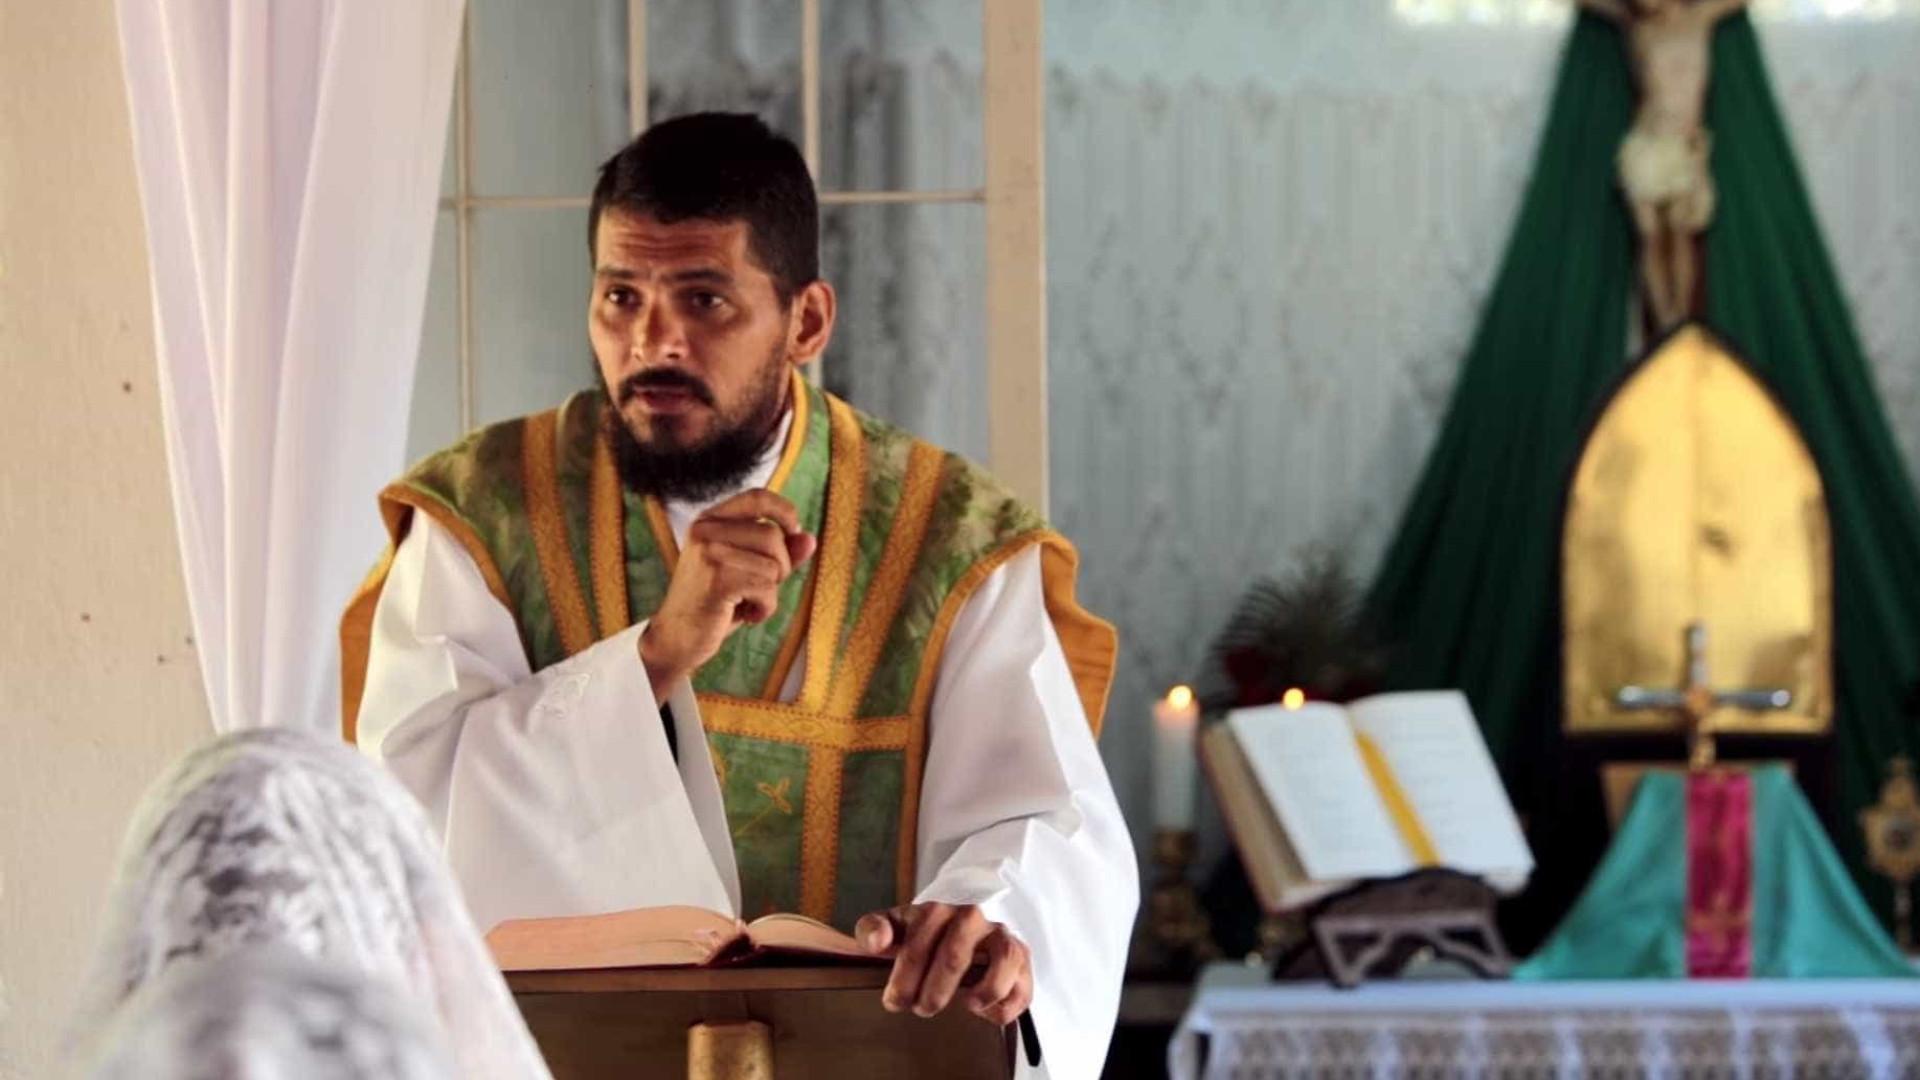 f4ef21a21d3 Jean Rogers Rodrigo de Sousa foi expulso da Igreja Católica pelo Papa  Francisco